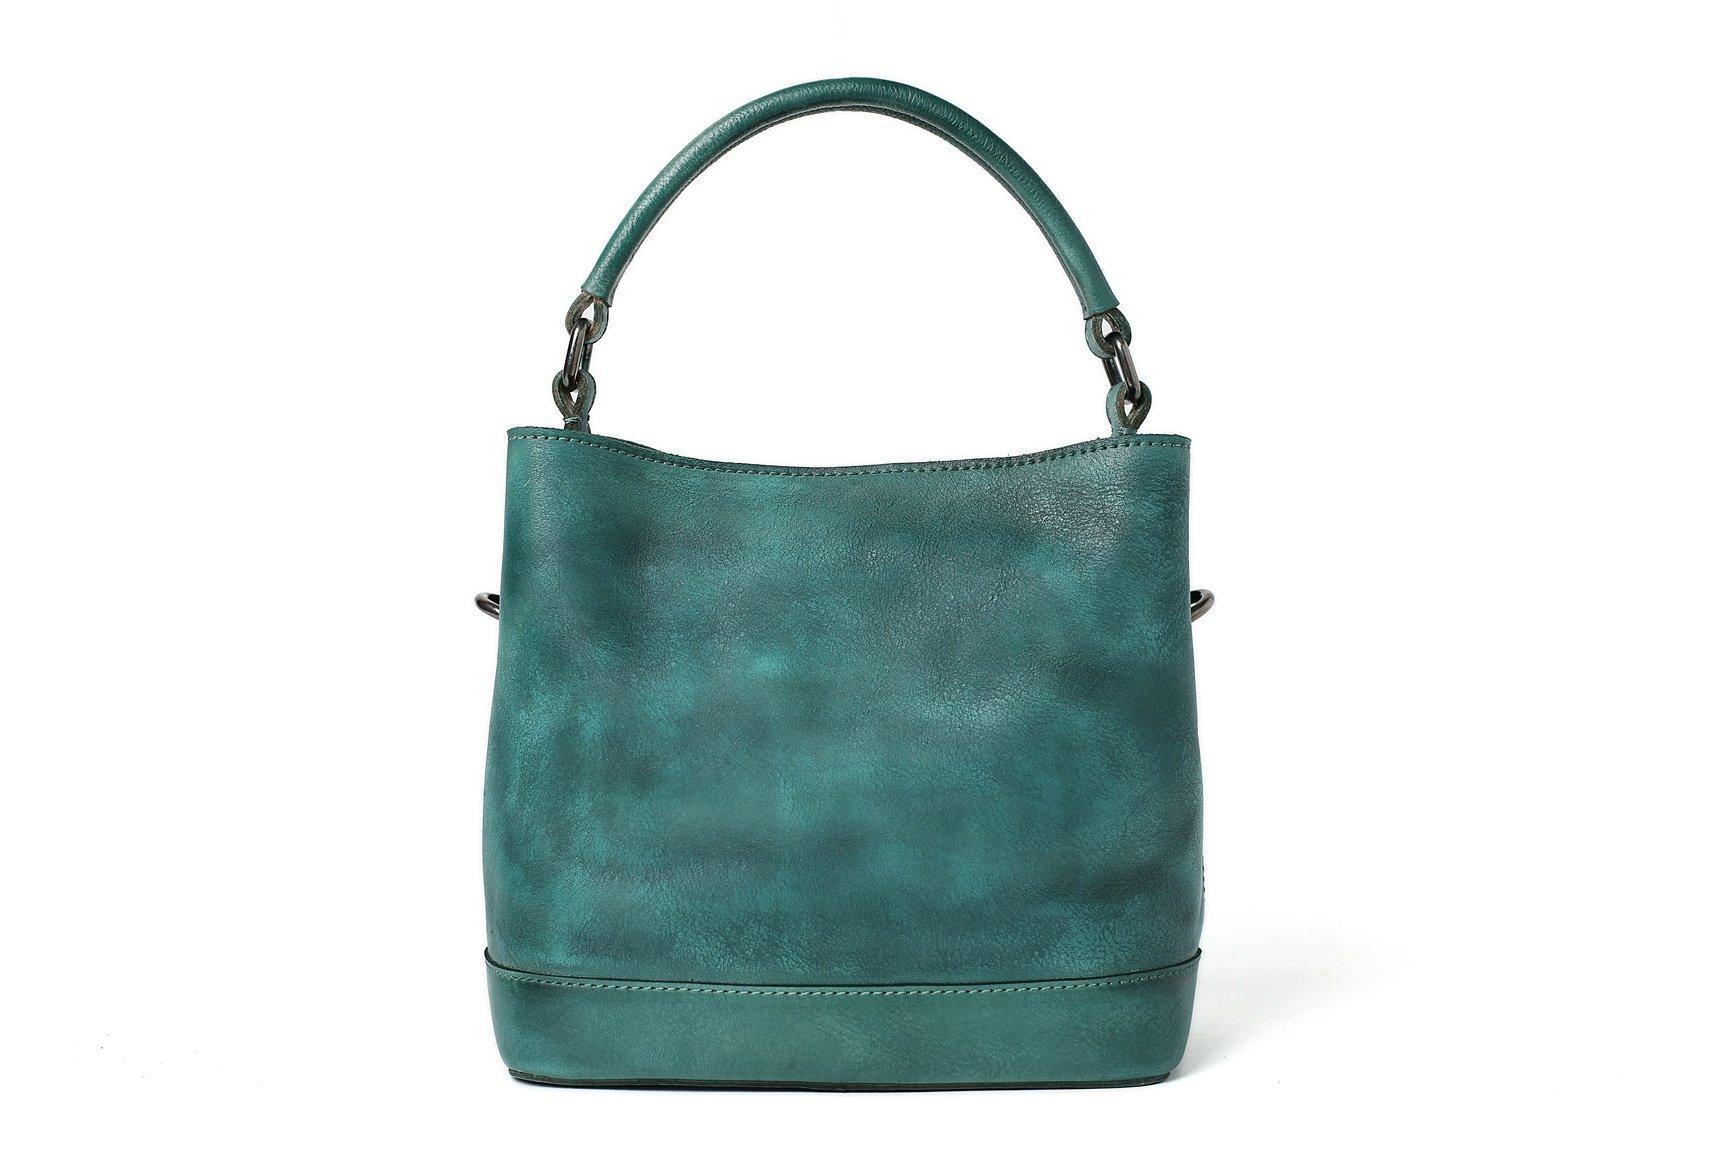 Image Of Handmade Full Grain Leather Hobo Bag Women Designer Handbags Tote Wf82